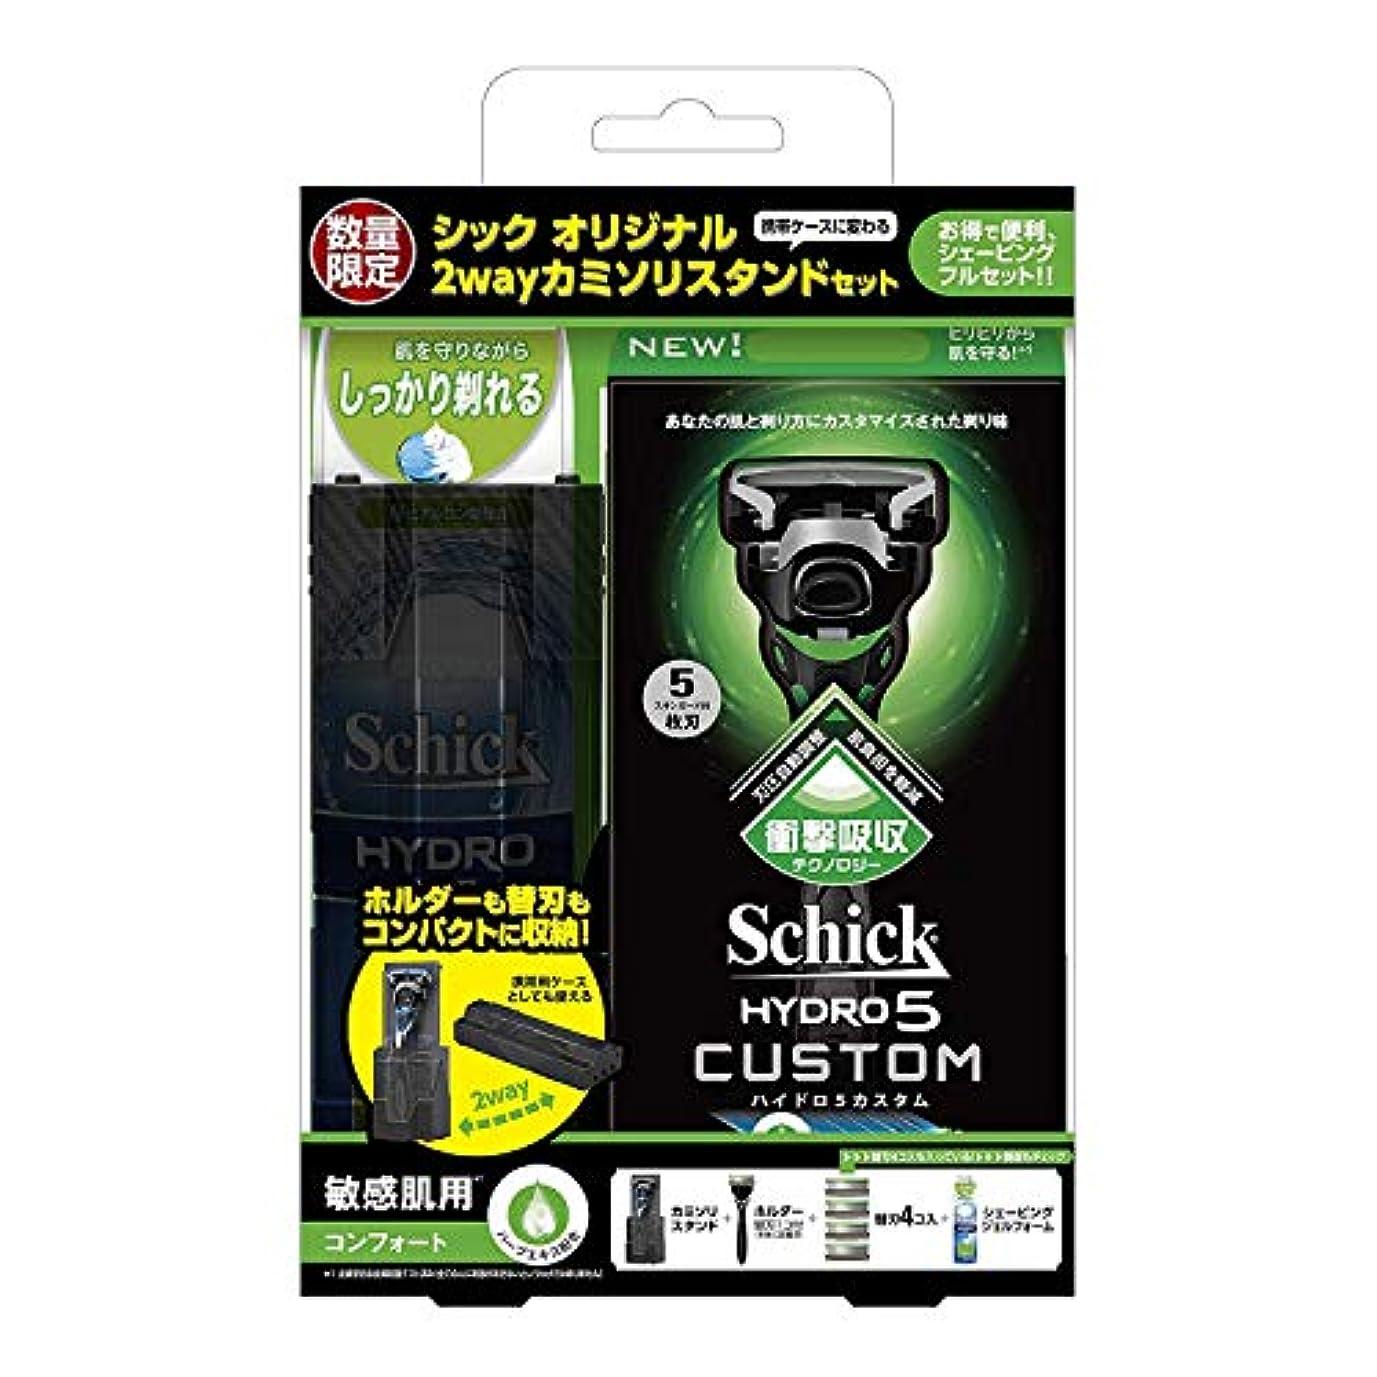 感性怪物ヘアシック Schick 5枚刃 ハイドロ5 カスタム コンフォート スペシャルパック 替刃5コ付 (替刃は本体に装着済み) 男性 カミソリ